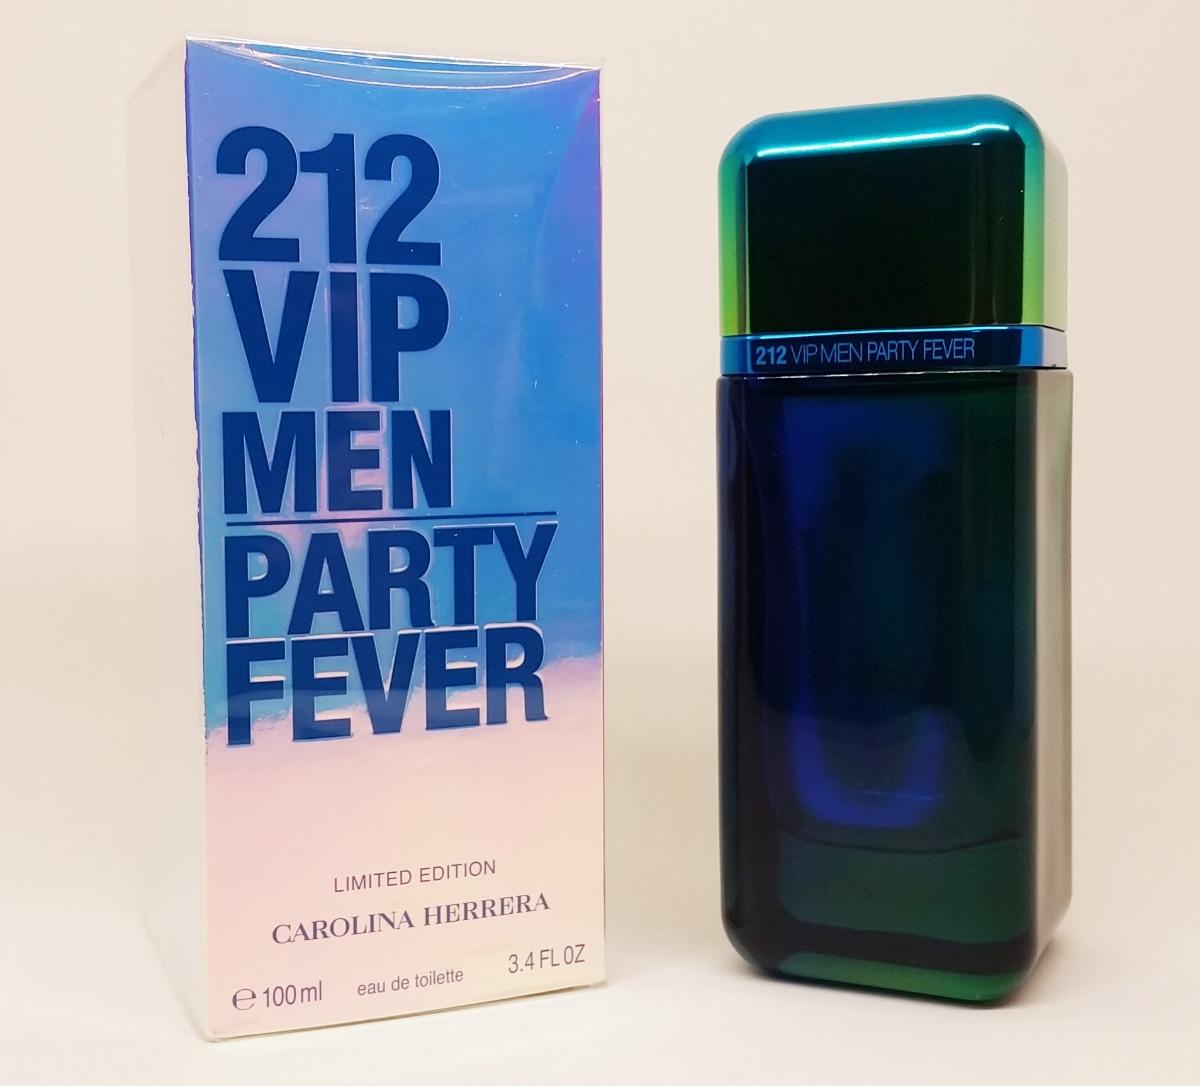 Perfume 212 Vip Men Party Fever 100ml Lançamento 2019 - R  339,00 em ... fd278efcf1